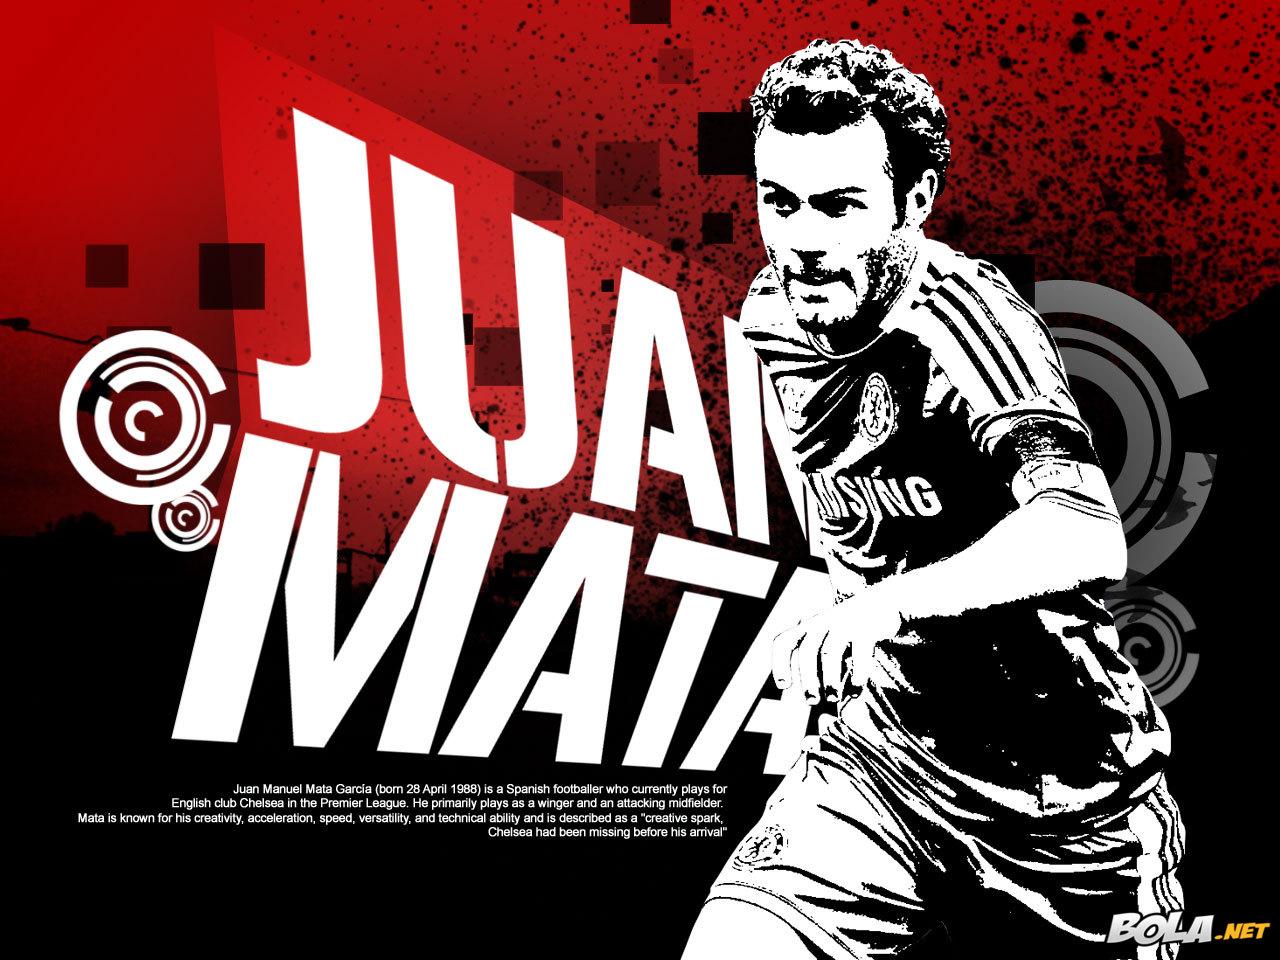 Juan Mata Chelsea Wallpaper